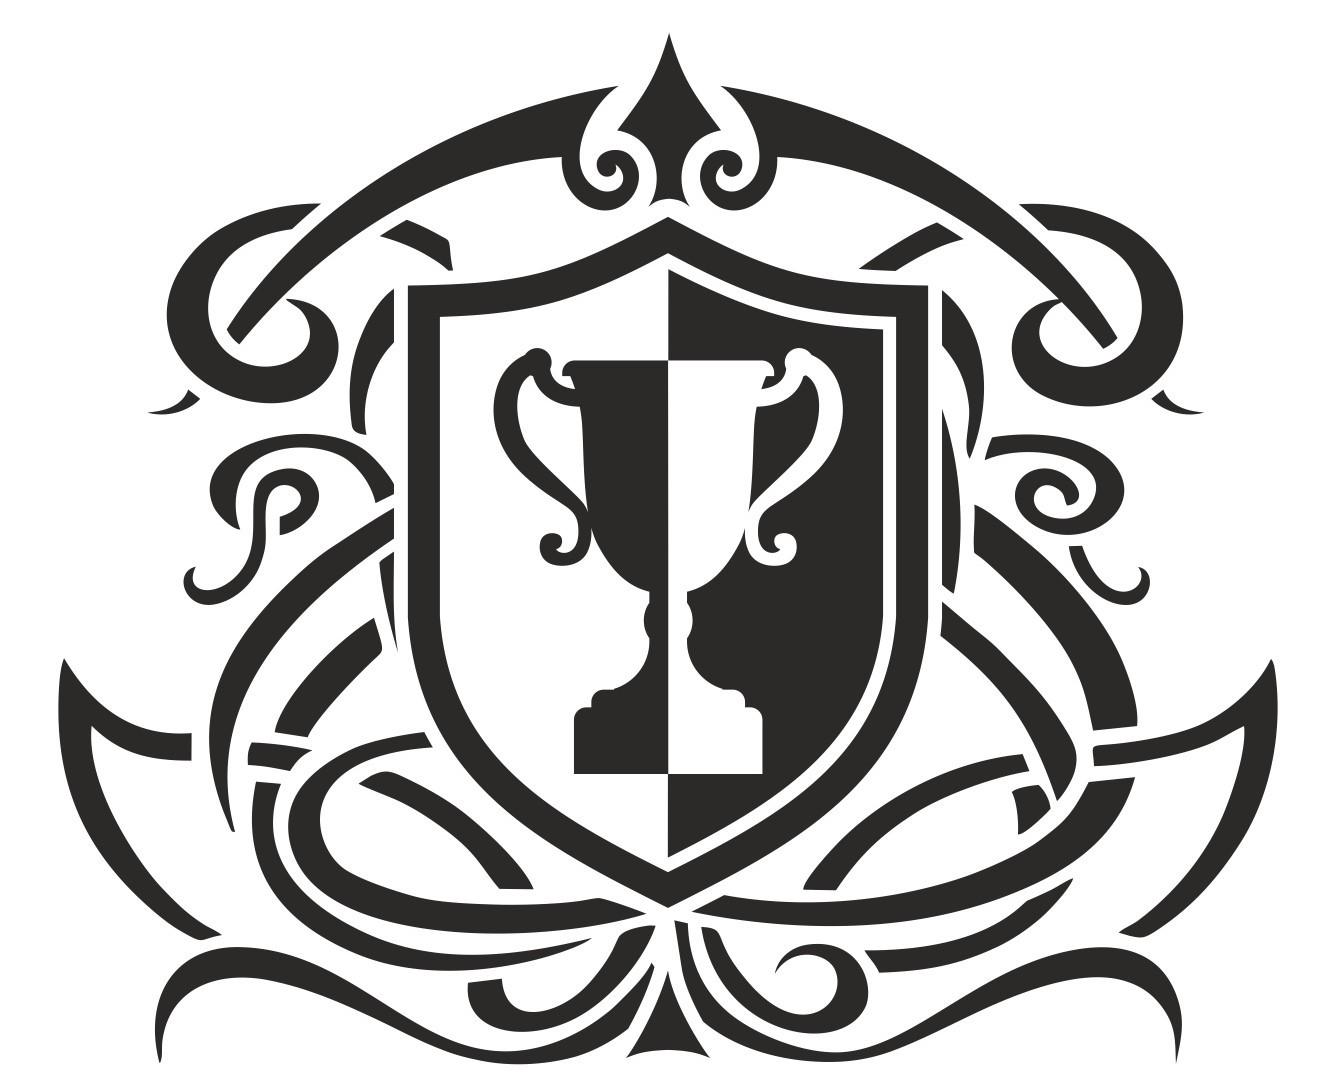 Школа психологической подготовки спортсменов Воспитай Чемпиона